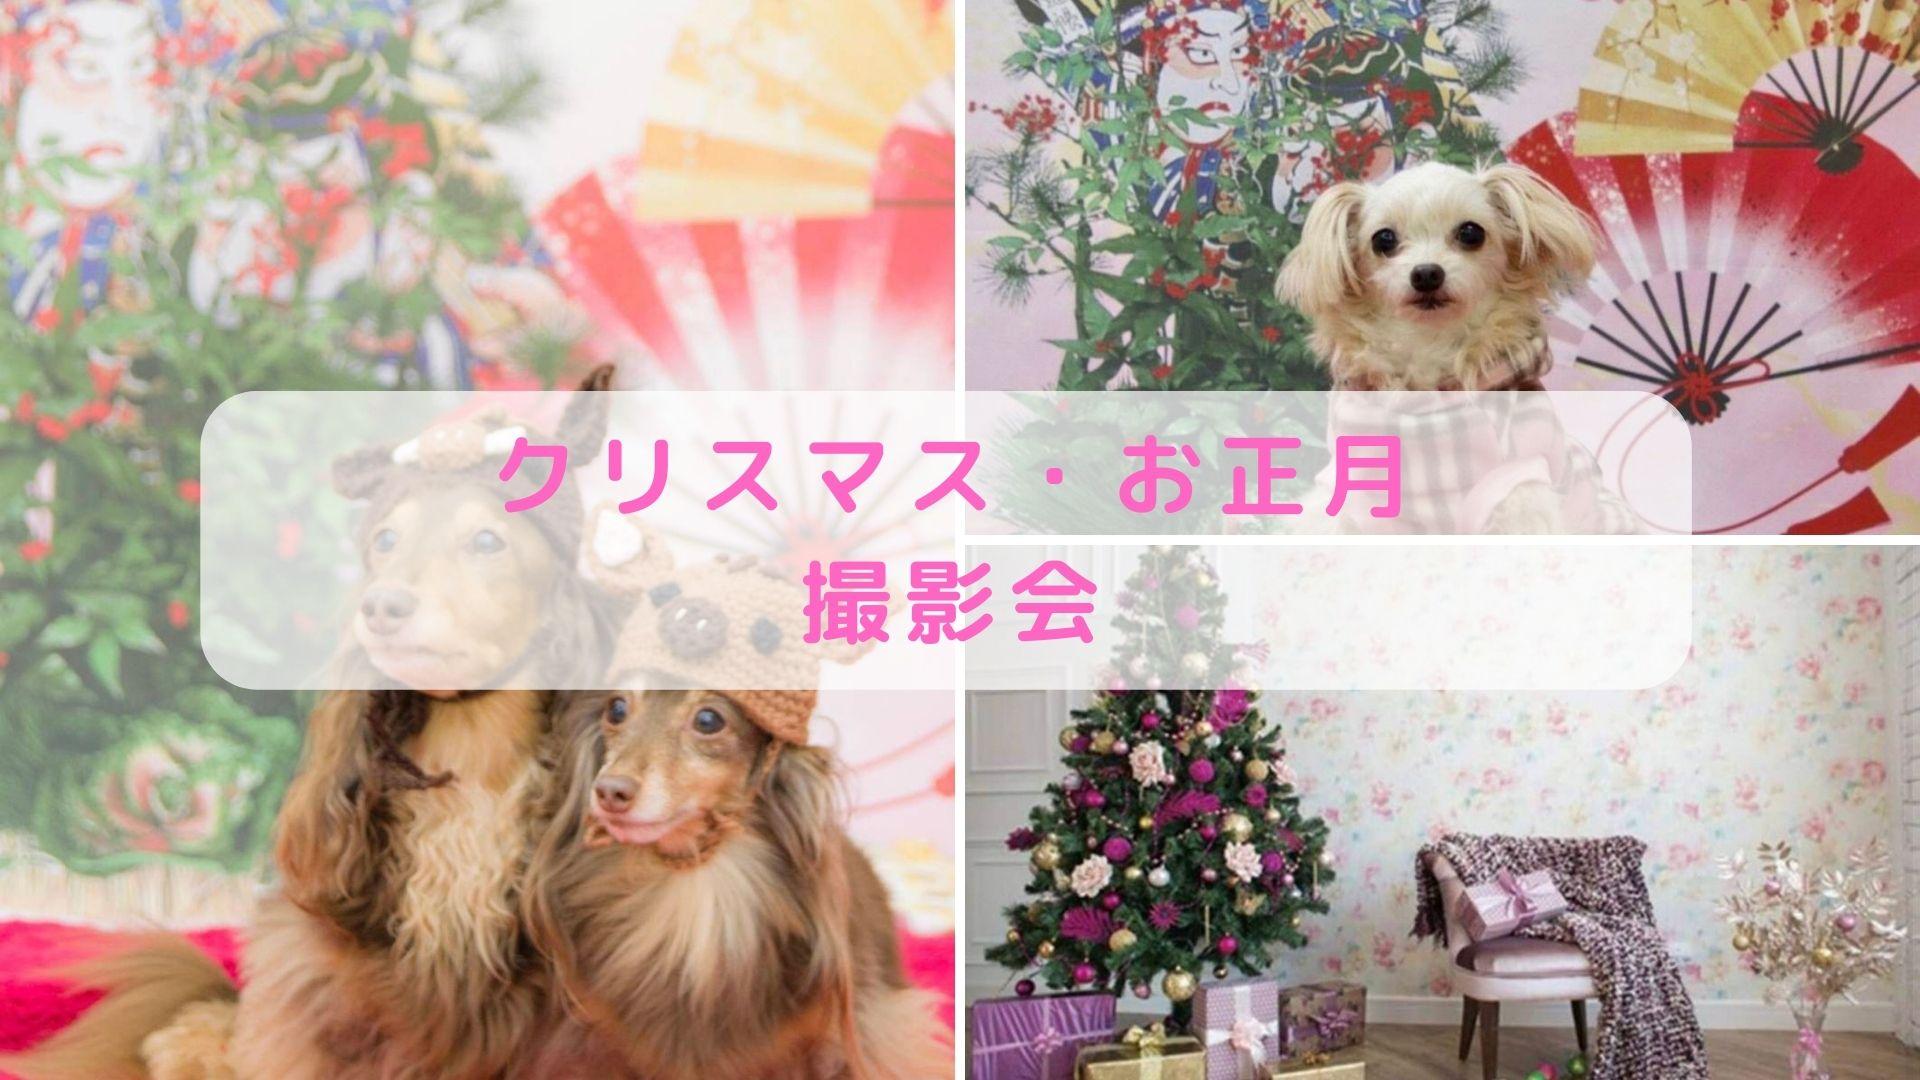 12/5 クリスマス・お正月撮影会!!